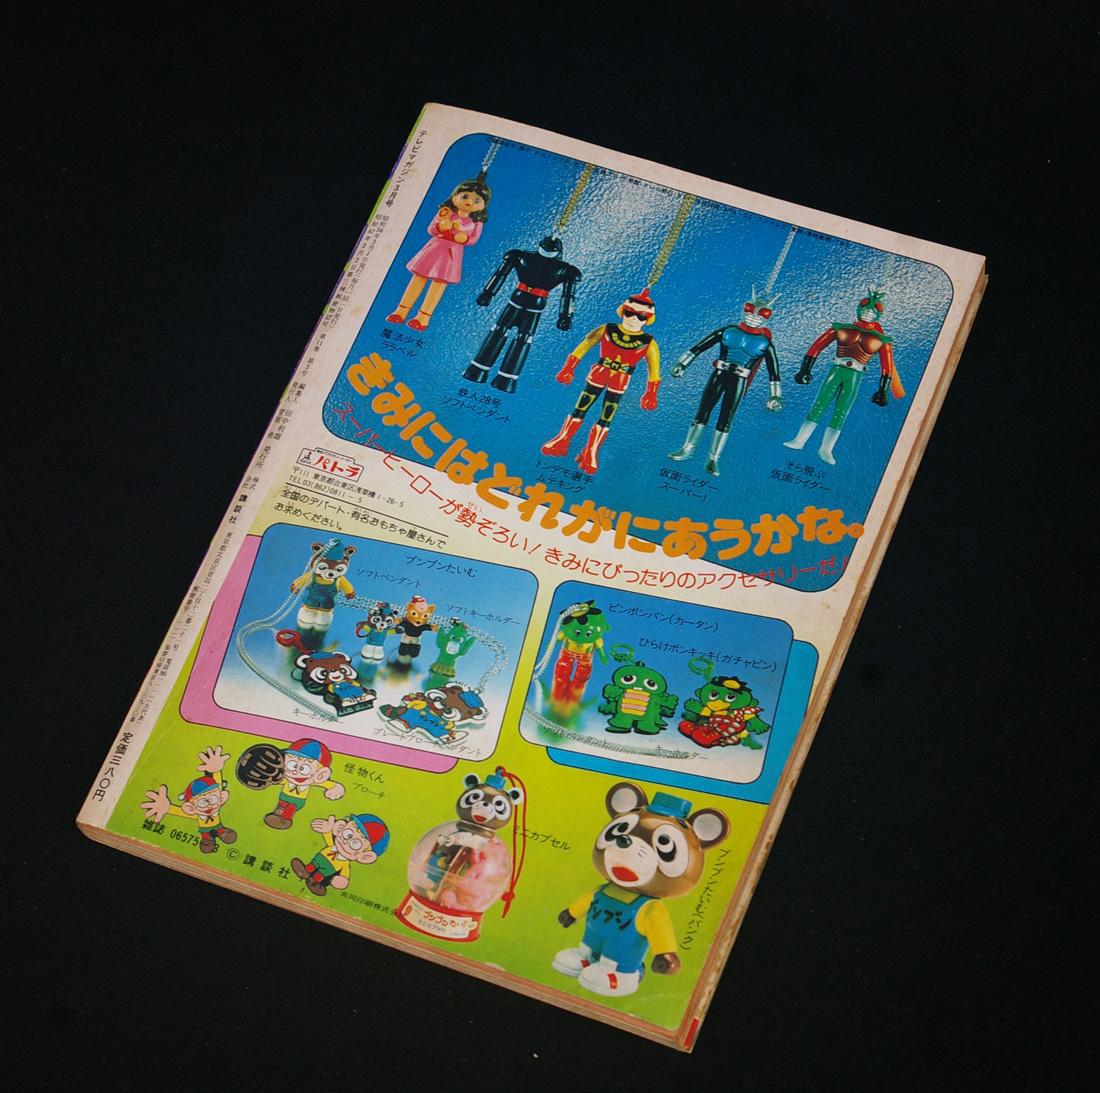 ■ テレビマガジン 1981年 昭和56年 3月号 仮面ライダースーパー1 ウルトラマン80 サンバルカン 鉄人28号 ダイオ―ジャ ミクロマン ■_画像10